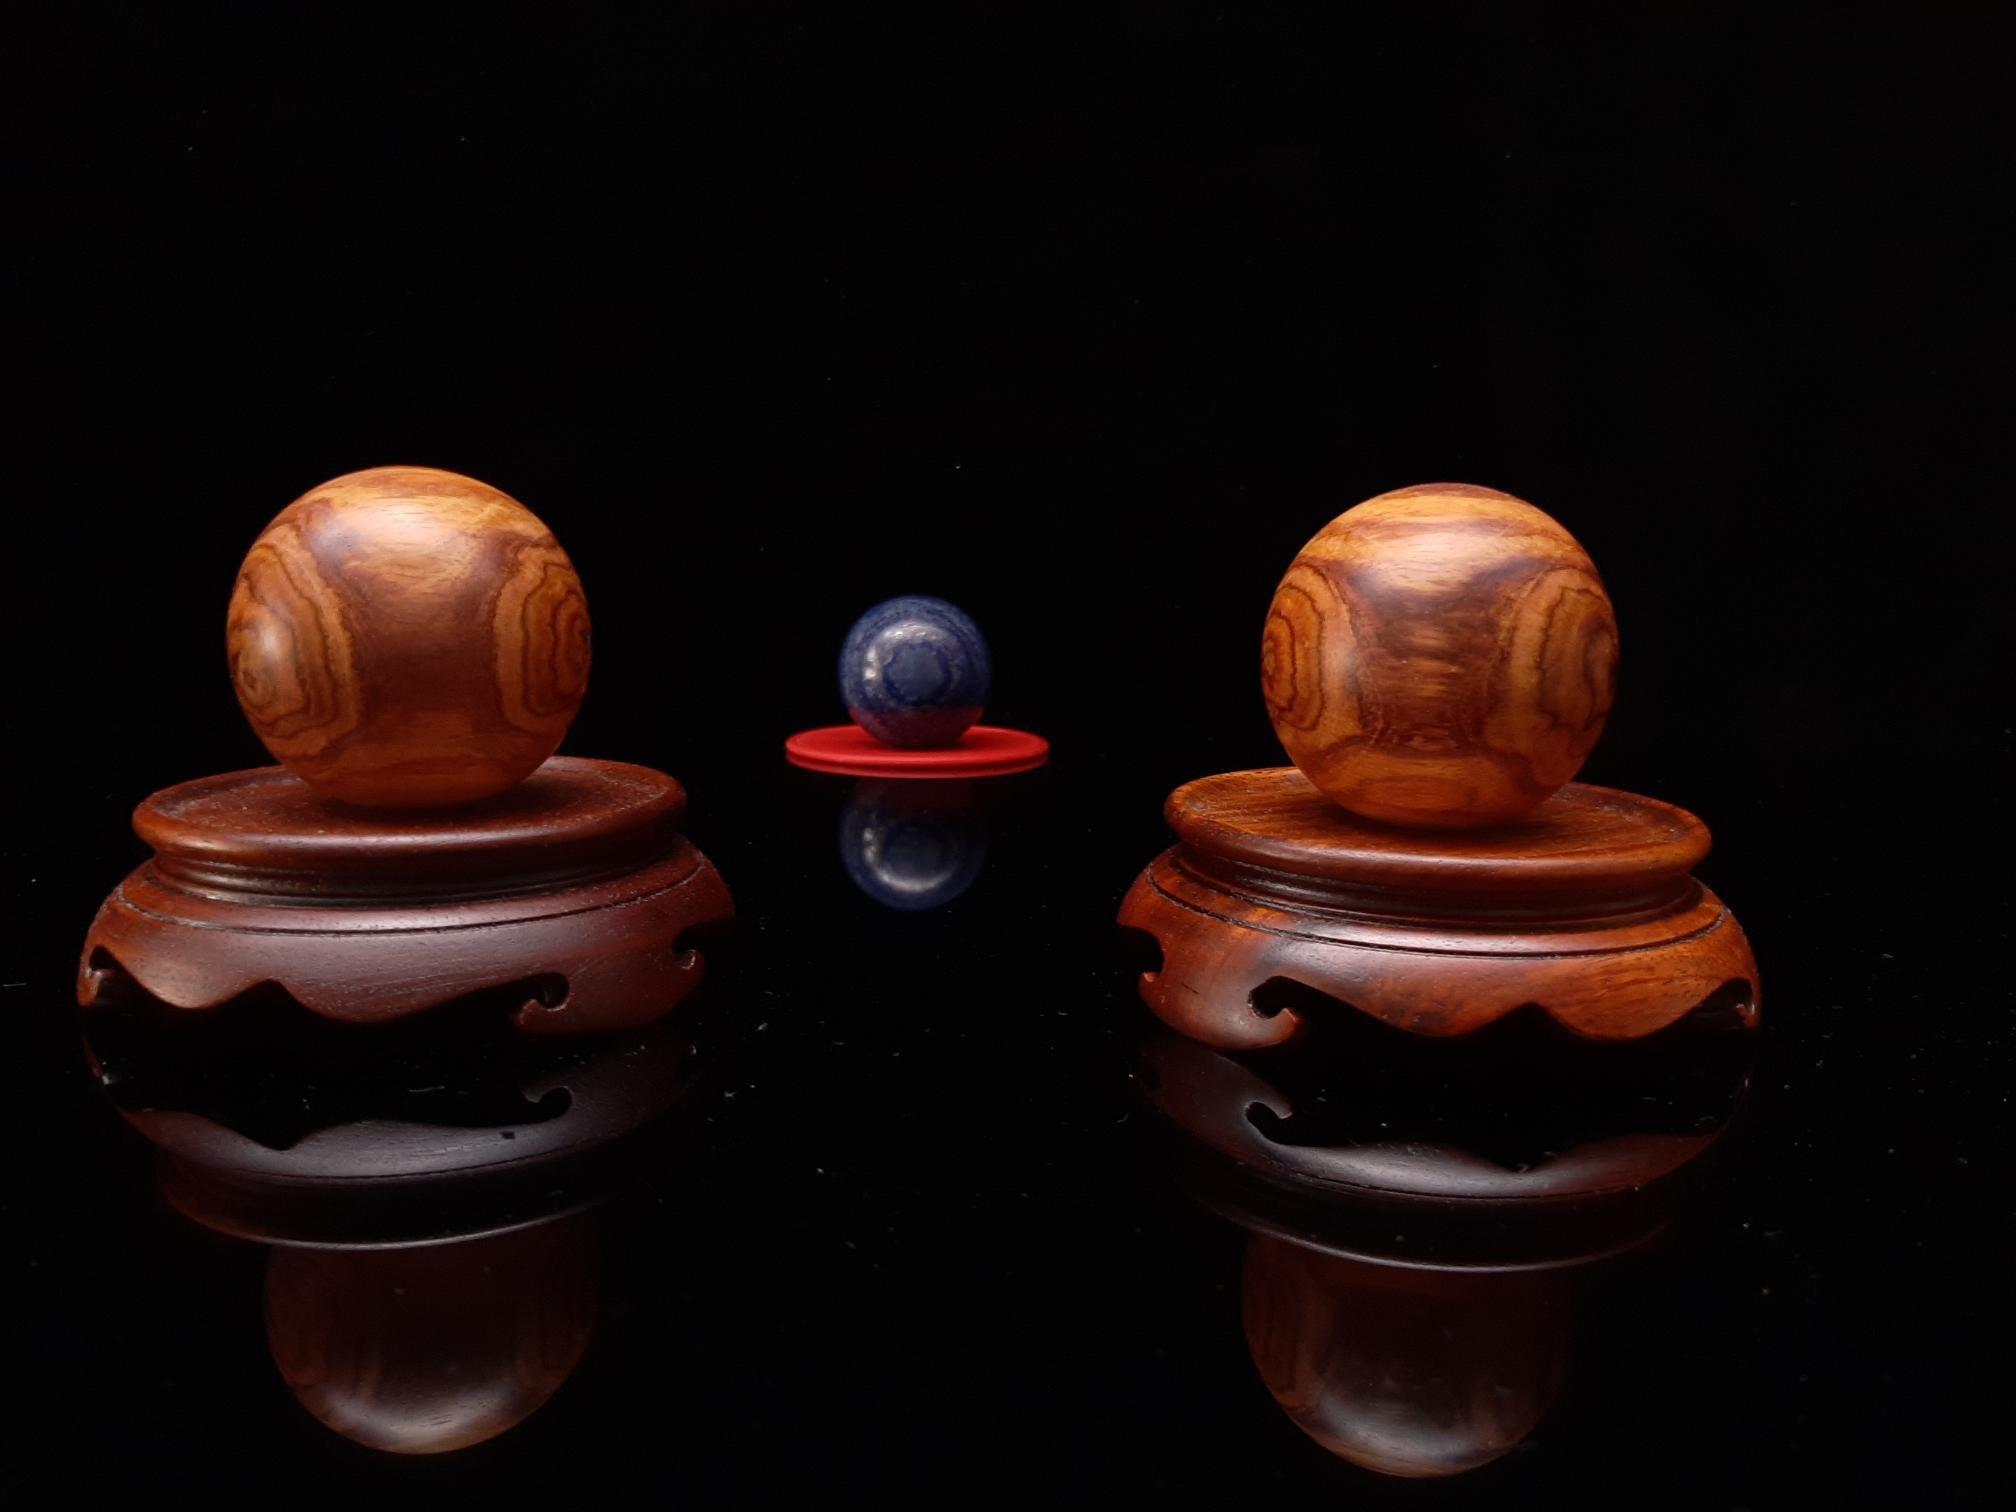 海南黃花梨雙壺承底座及健力球擺件,對眼雙鬼臉健力球(直徑約5.5公分),健力球花紋漂亮,稀有物件,右邊是國王,王冠較大,左邊是皇后,后冠較小,非常搭對。